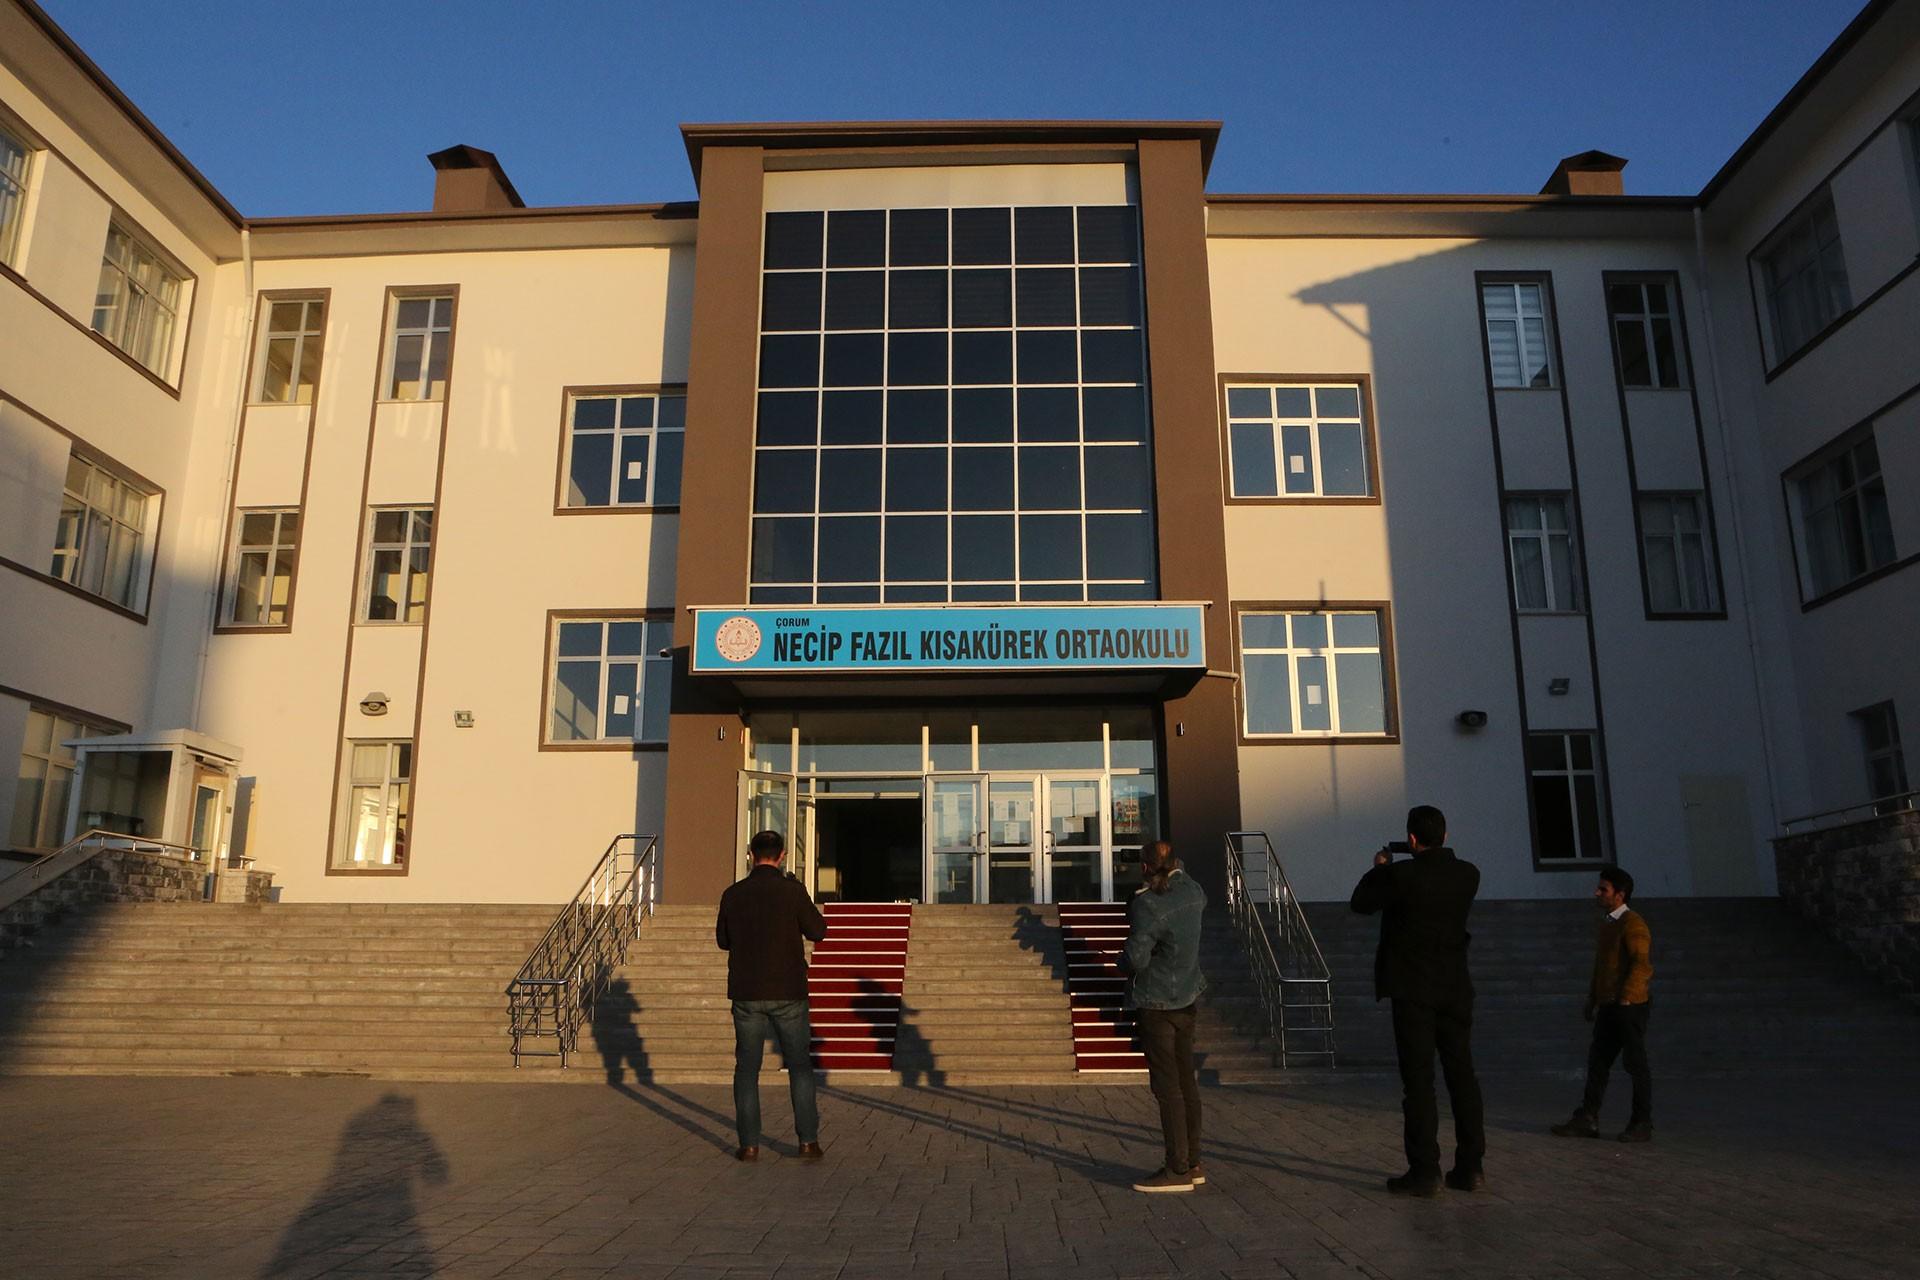 Çorum'da Necip Fazıl Kısakürek Ortaokulu binası